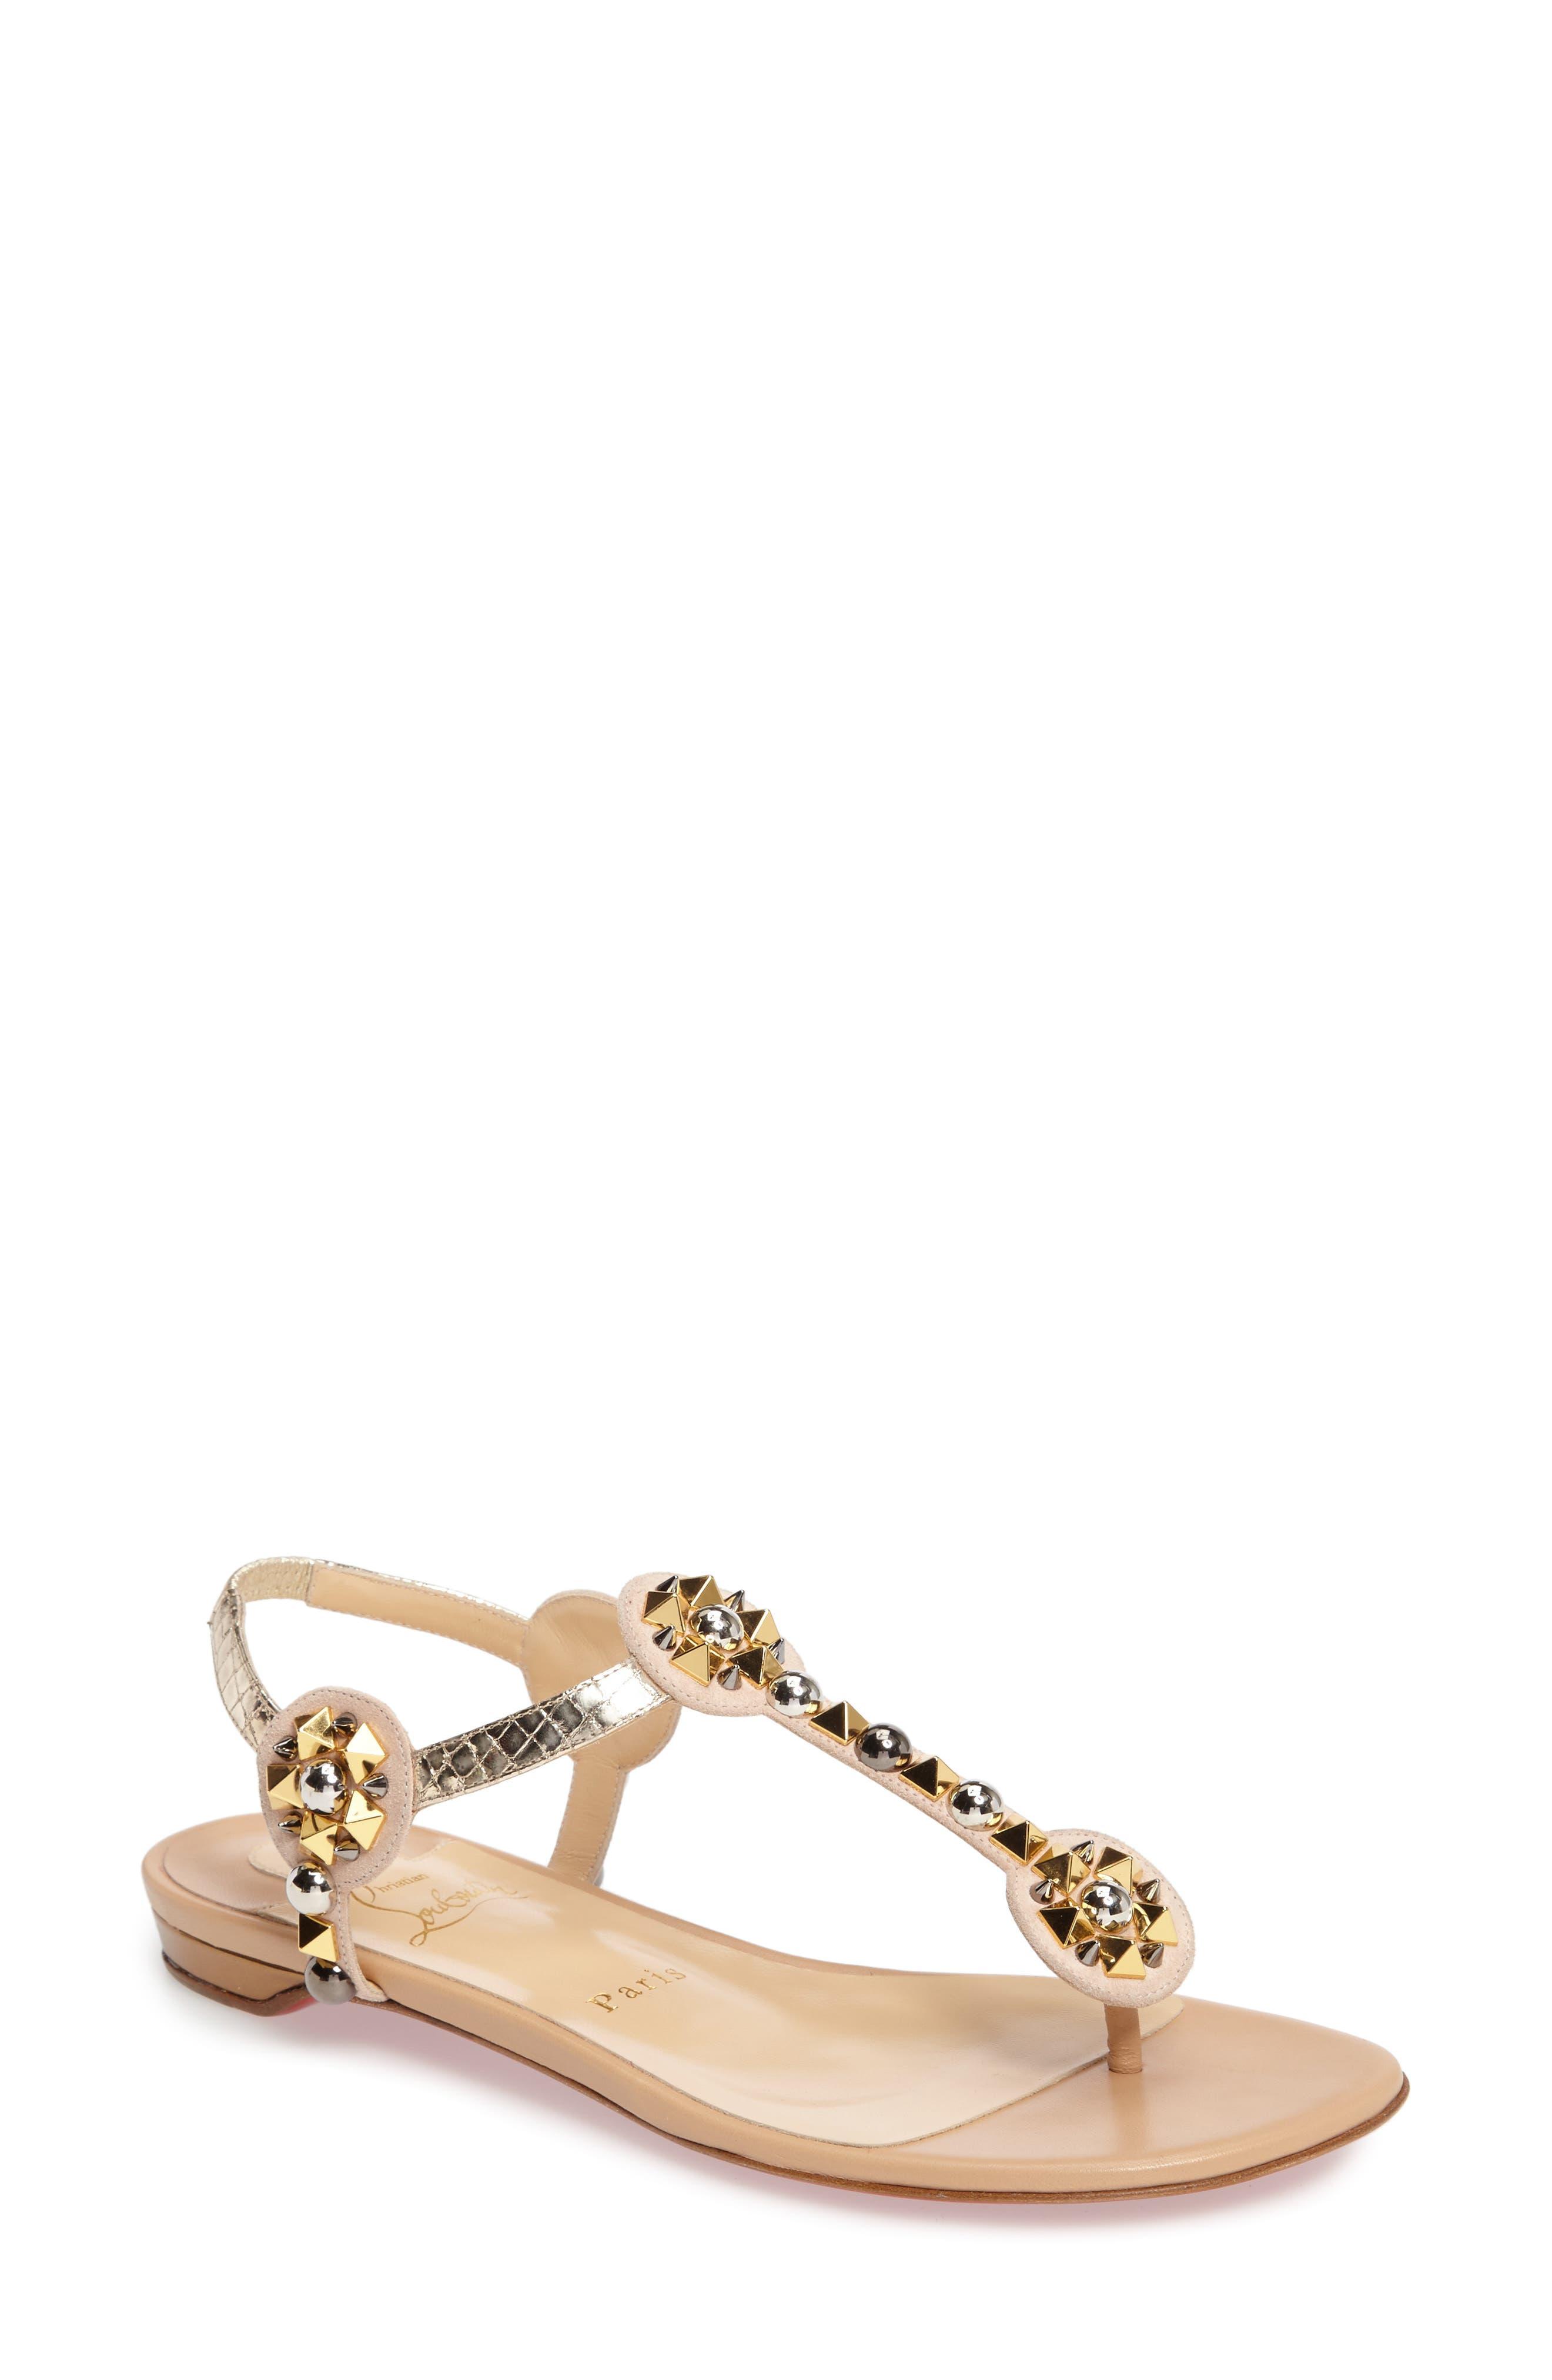 Kaleidra T-Strap Sandal,                             Main thumbnail 1, color,                             250